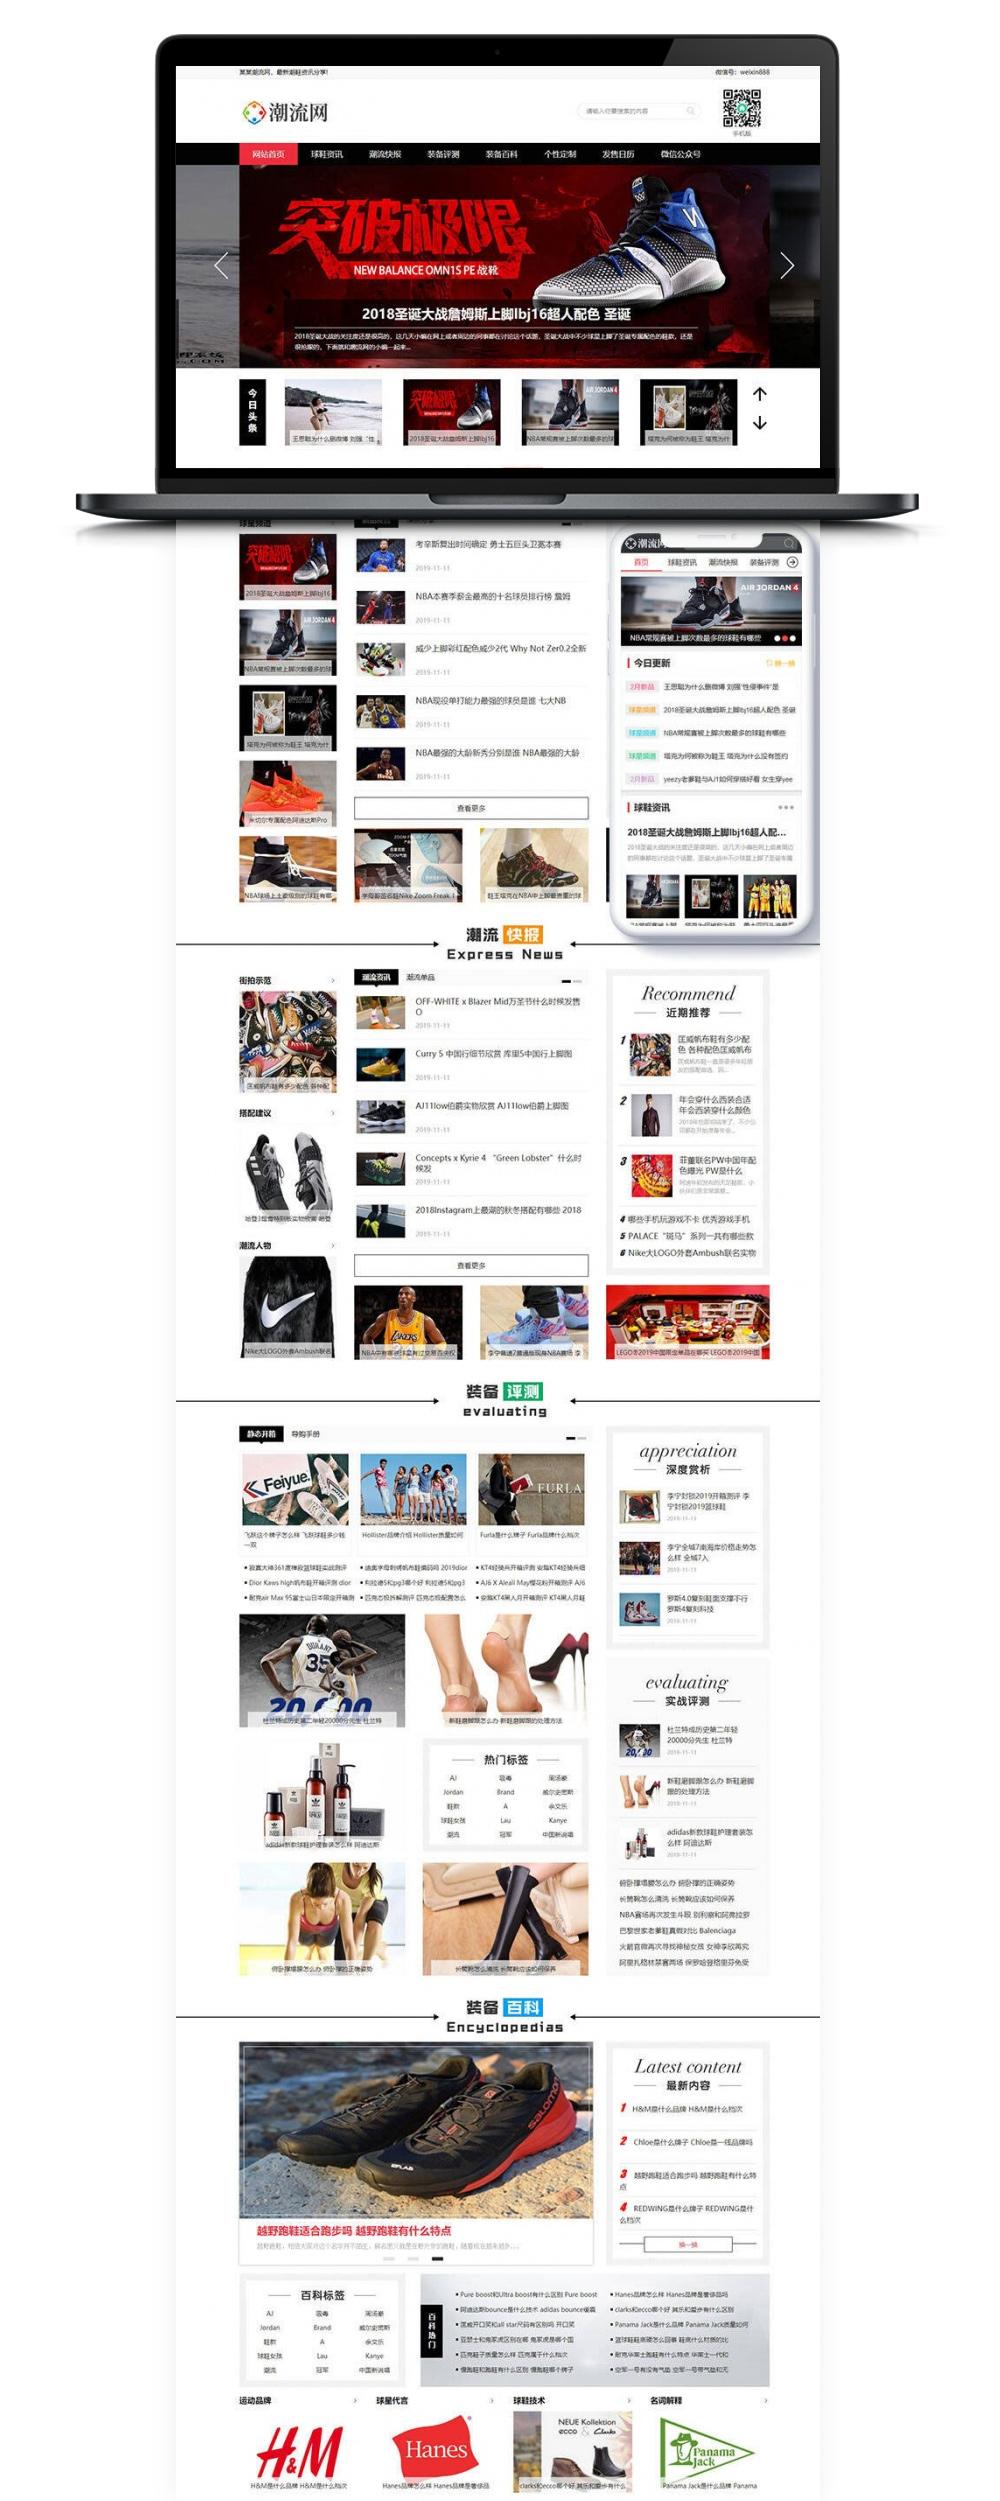 【品牌鞋业网站】潮流鞋业响应式网站模板自适应手机端[DEDECMS织梦内核]-酷网站源码